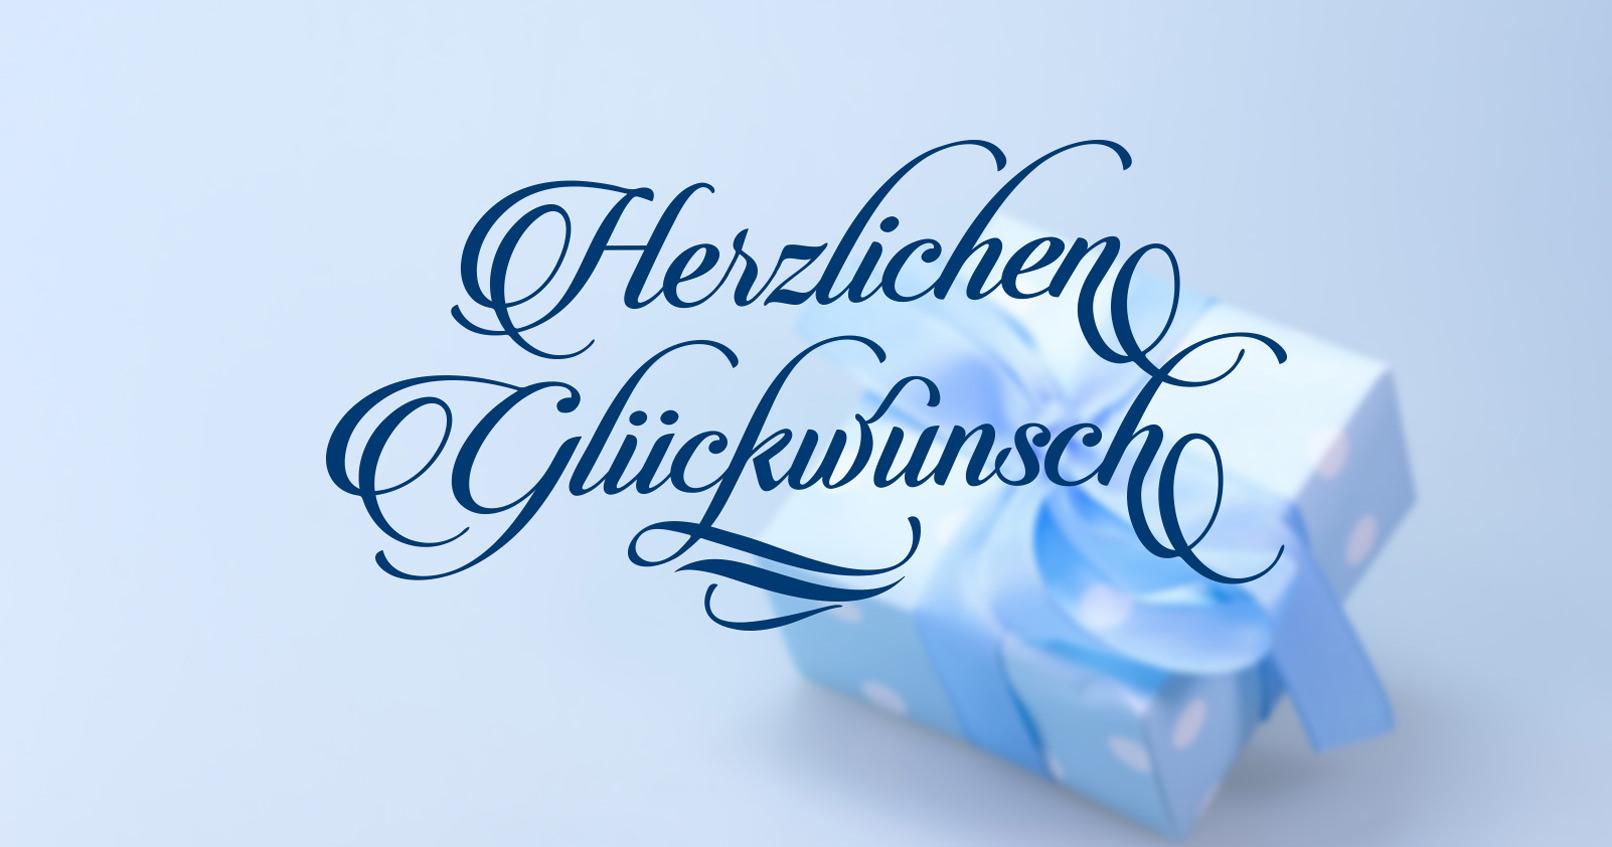 Typografische Effekte und kalligrafische Schriftvorlagen